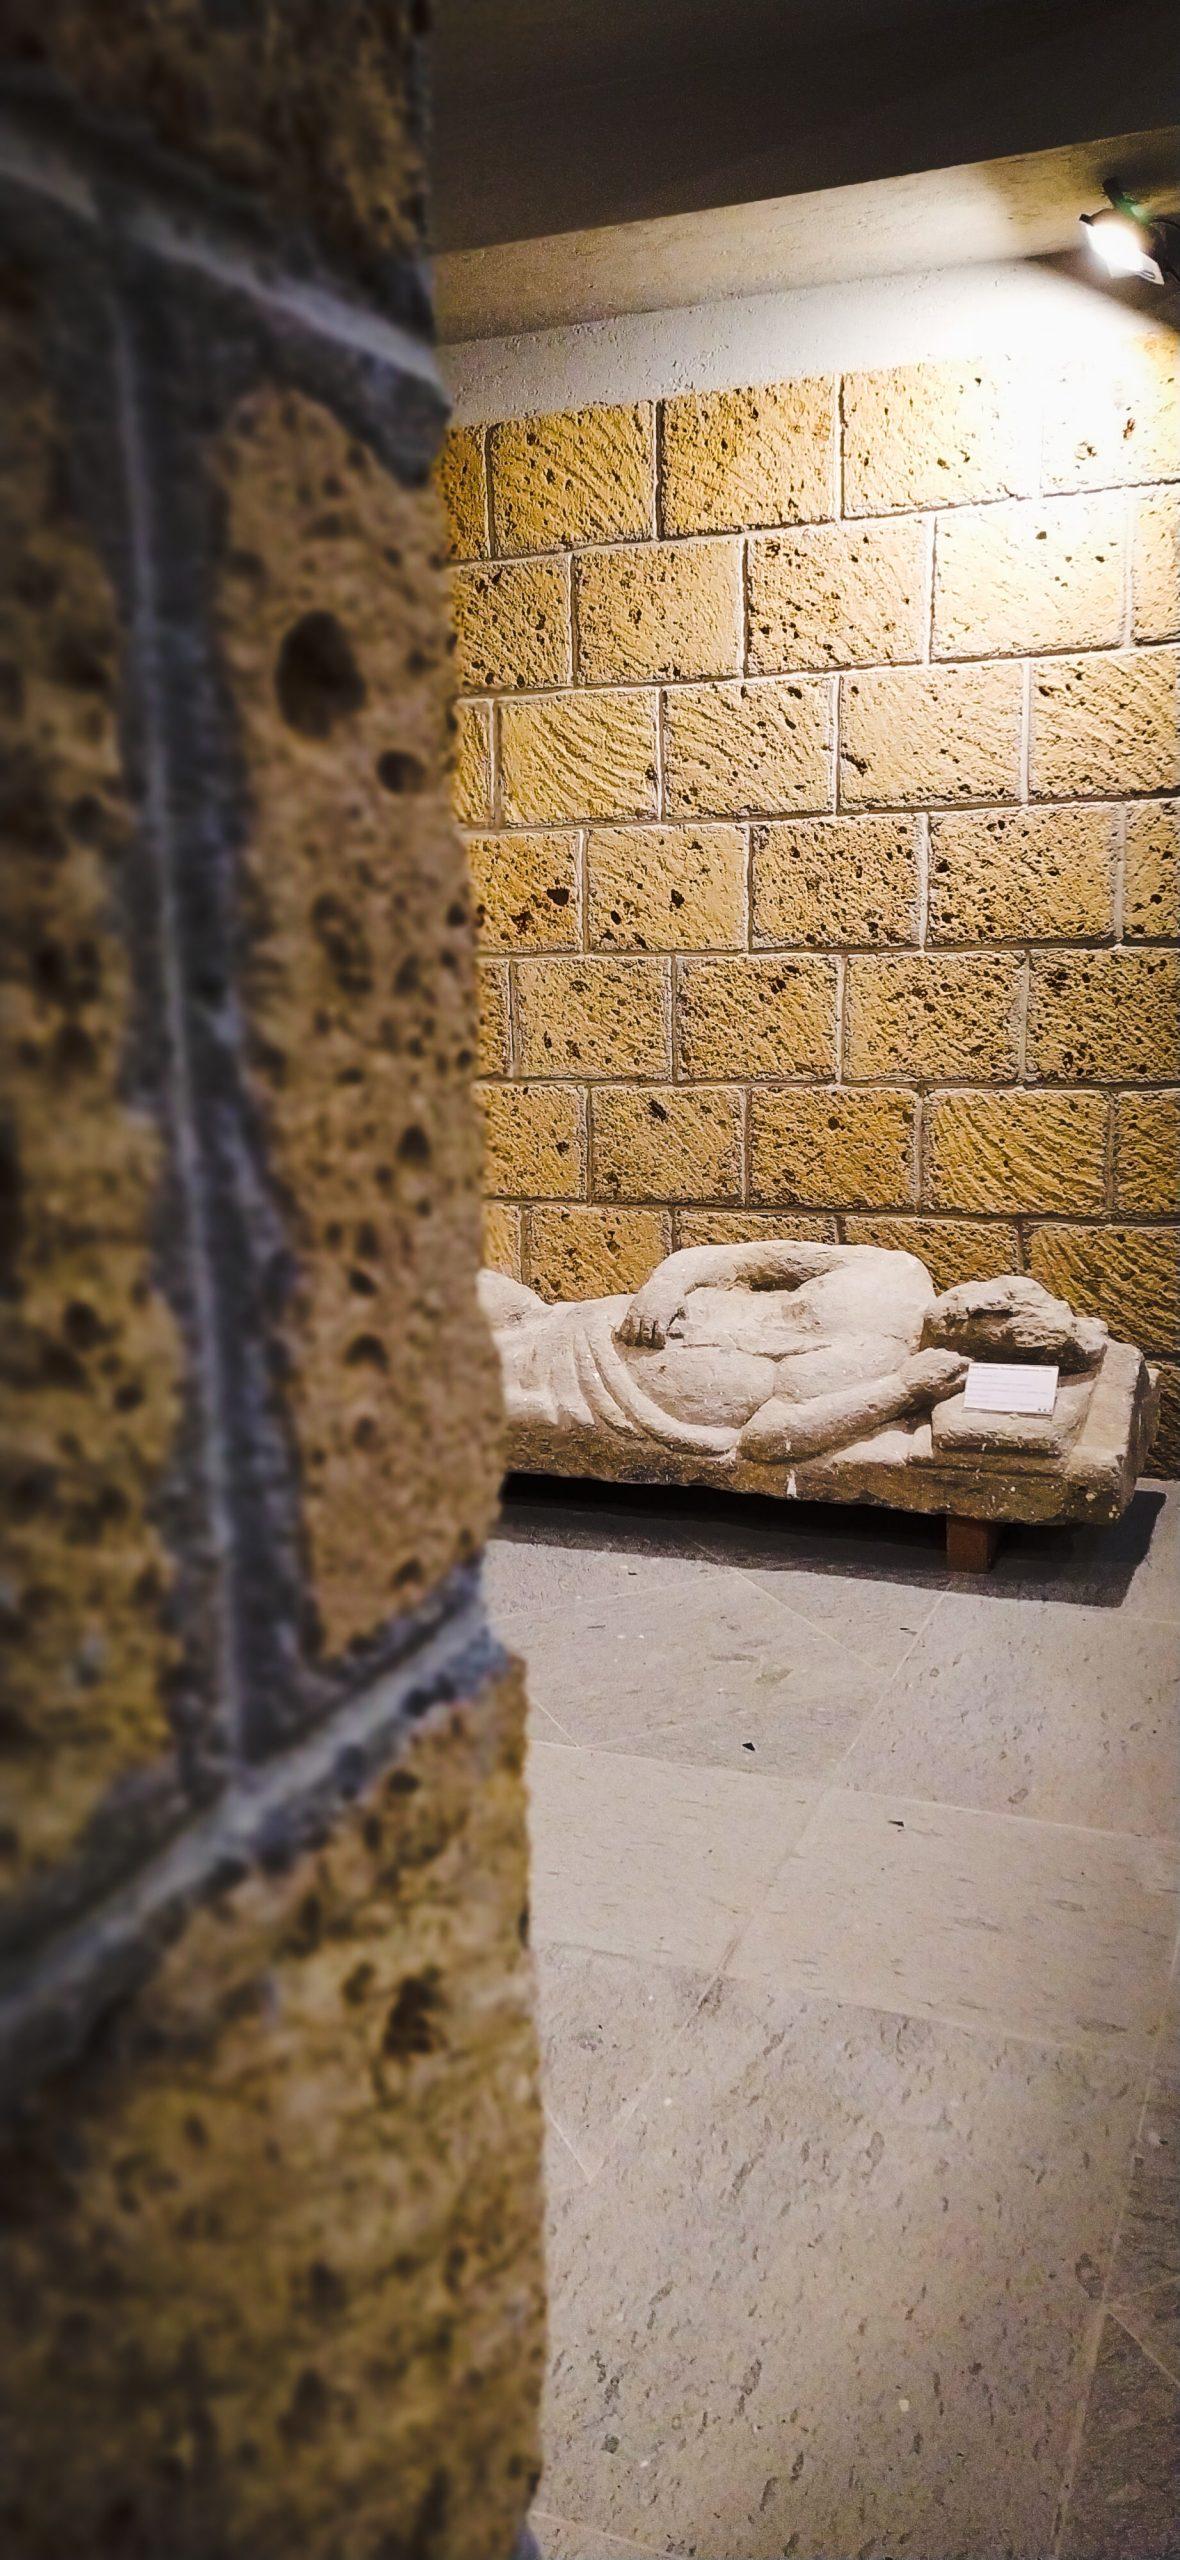 sarcofago-etrusco-di-uomo-con-coltello-Museo-delle-Necropoli-Rupestri-Barbarano-Romano-